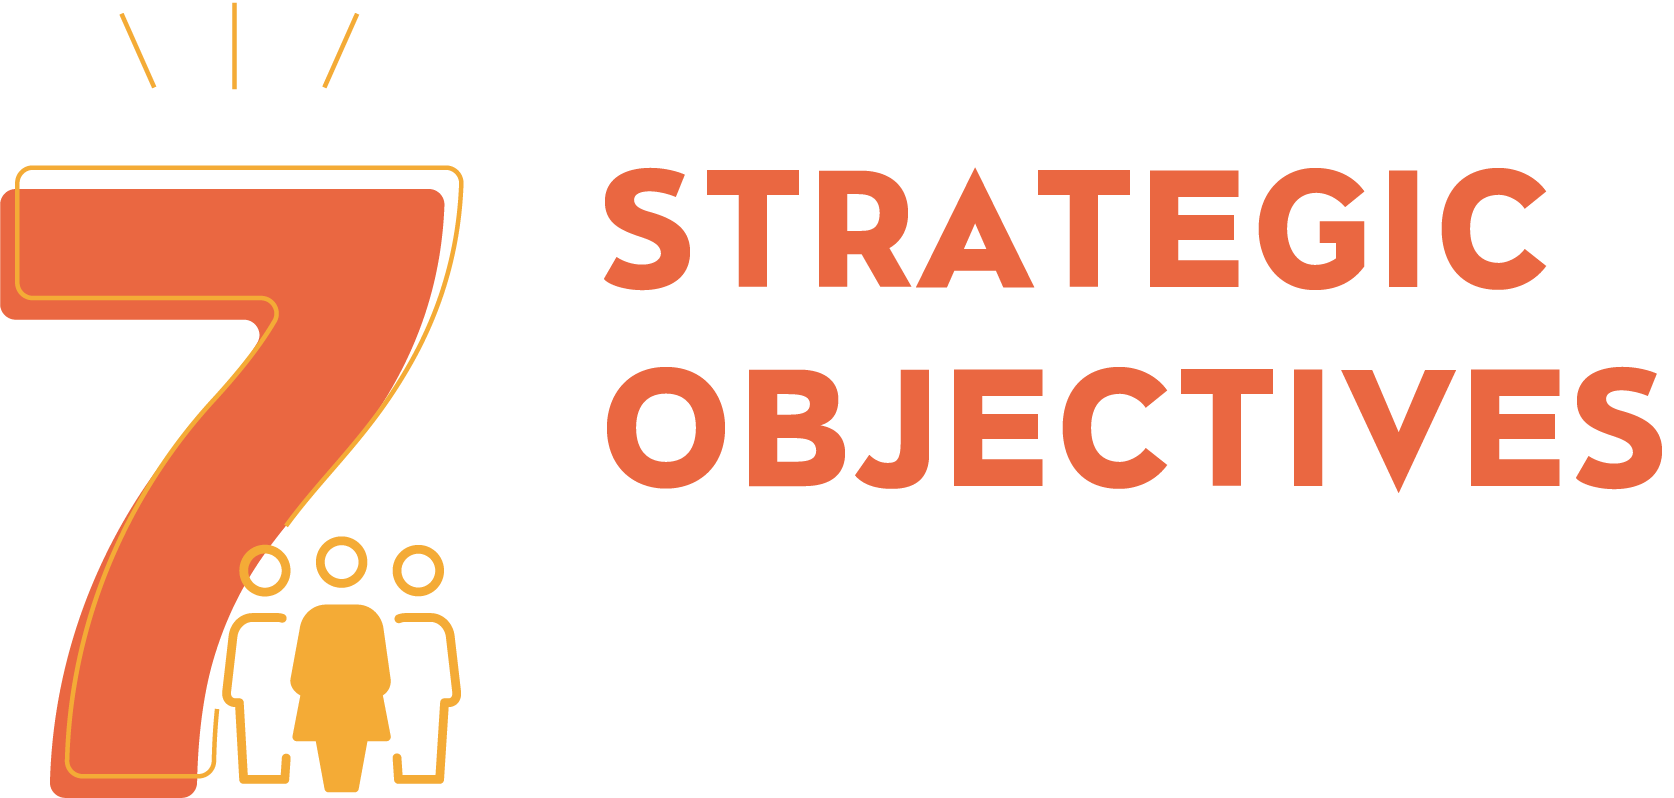 7 Strategic Objectives